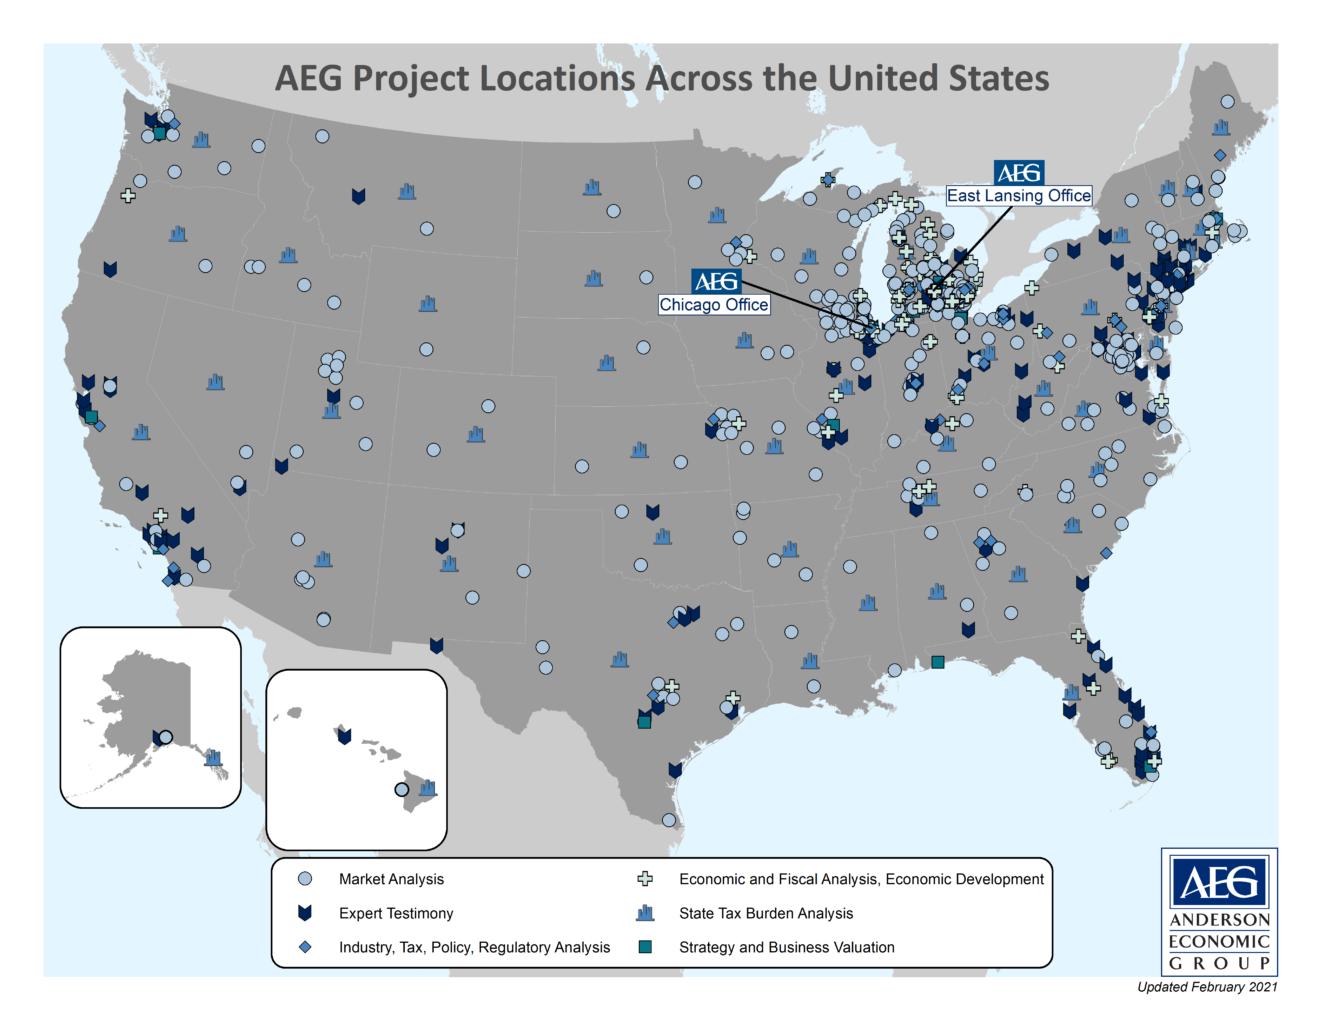 AEG U.S. Project Map 2021